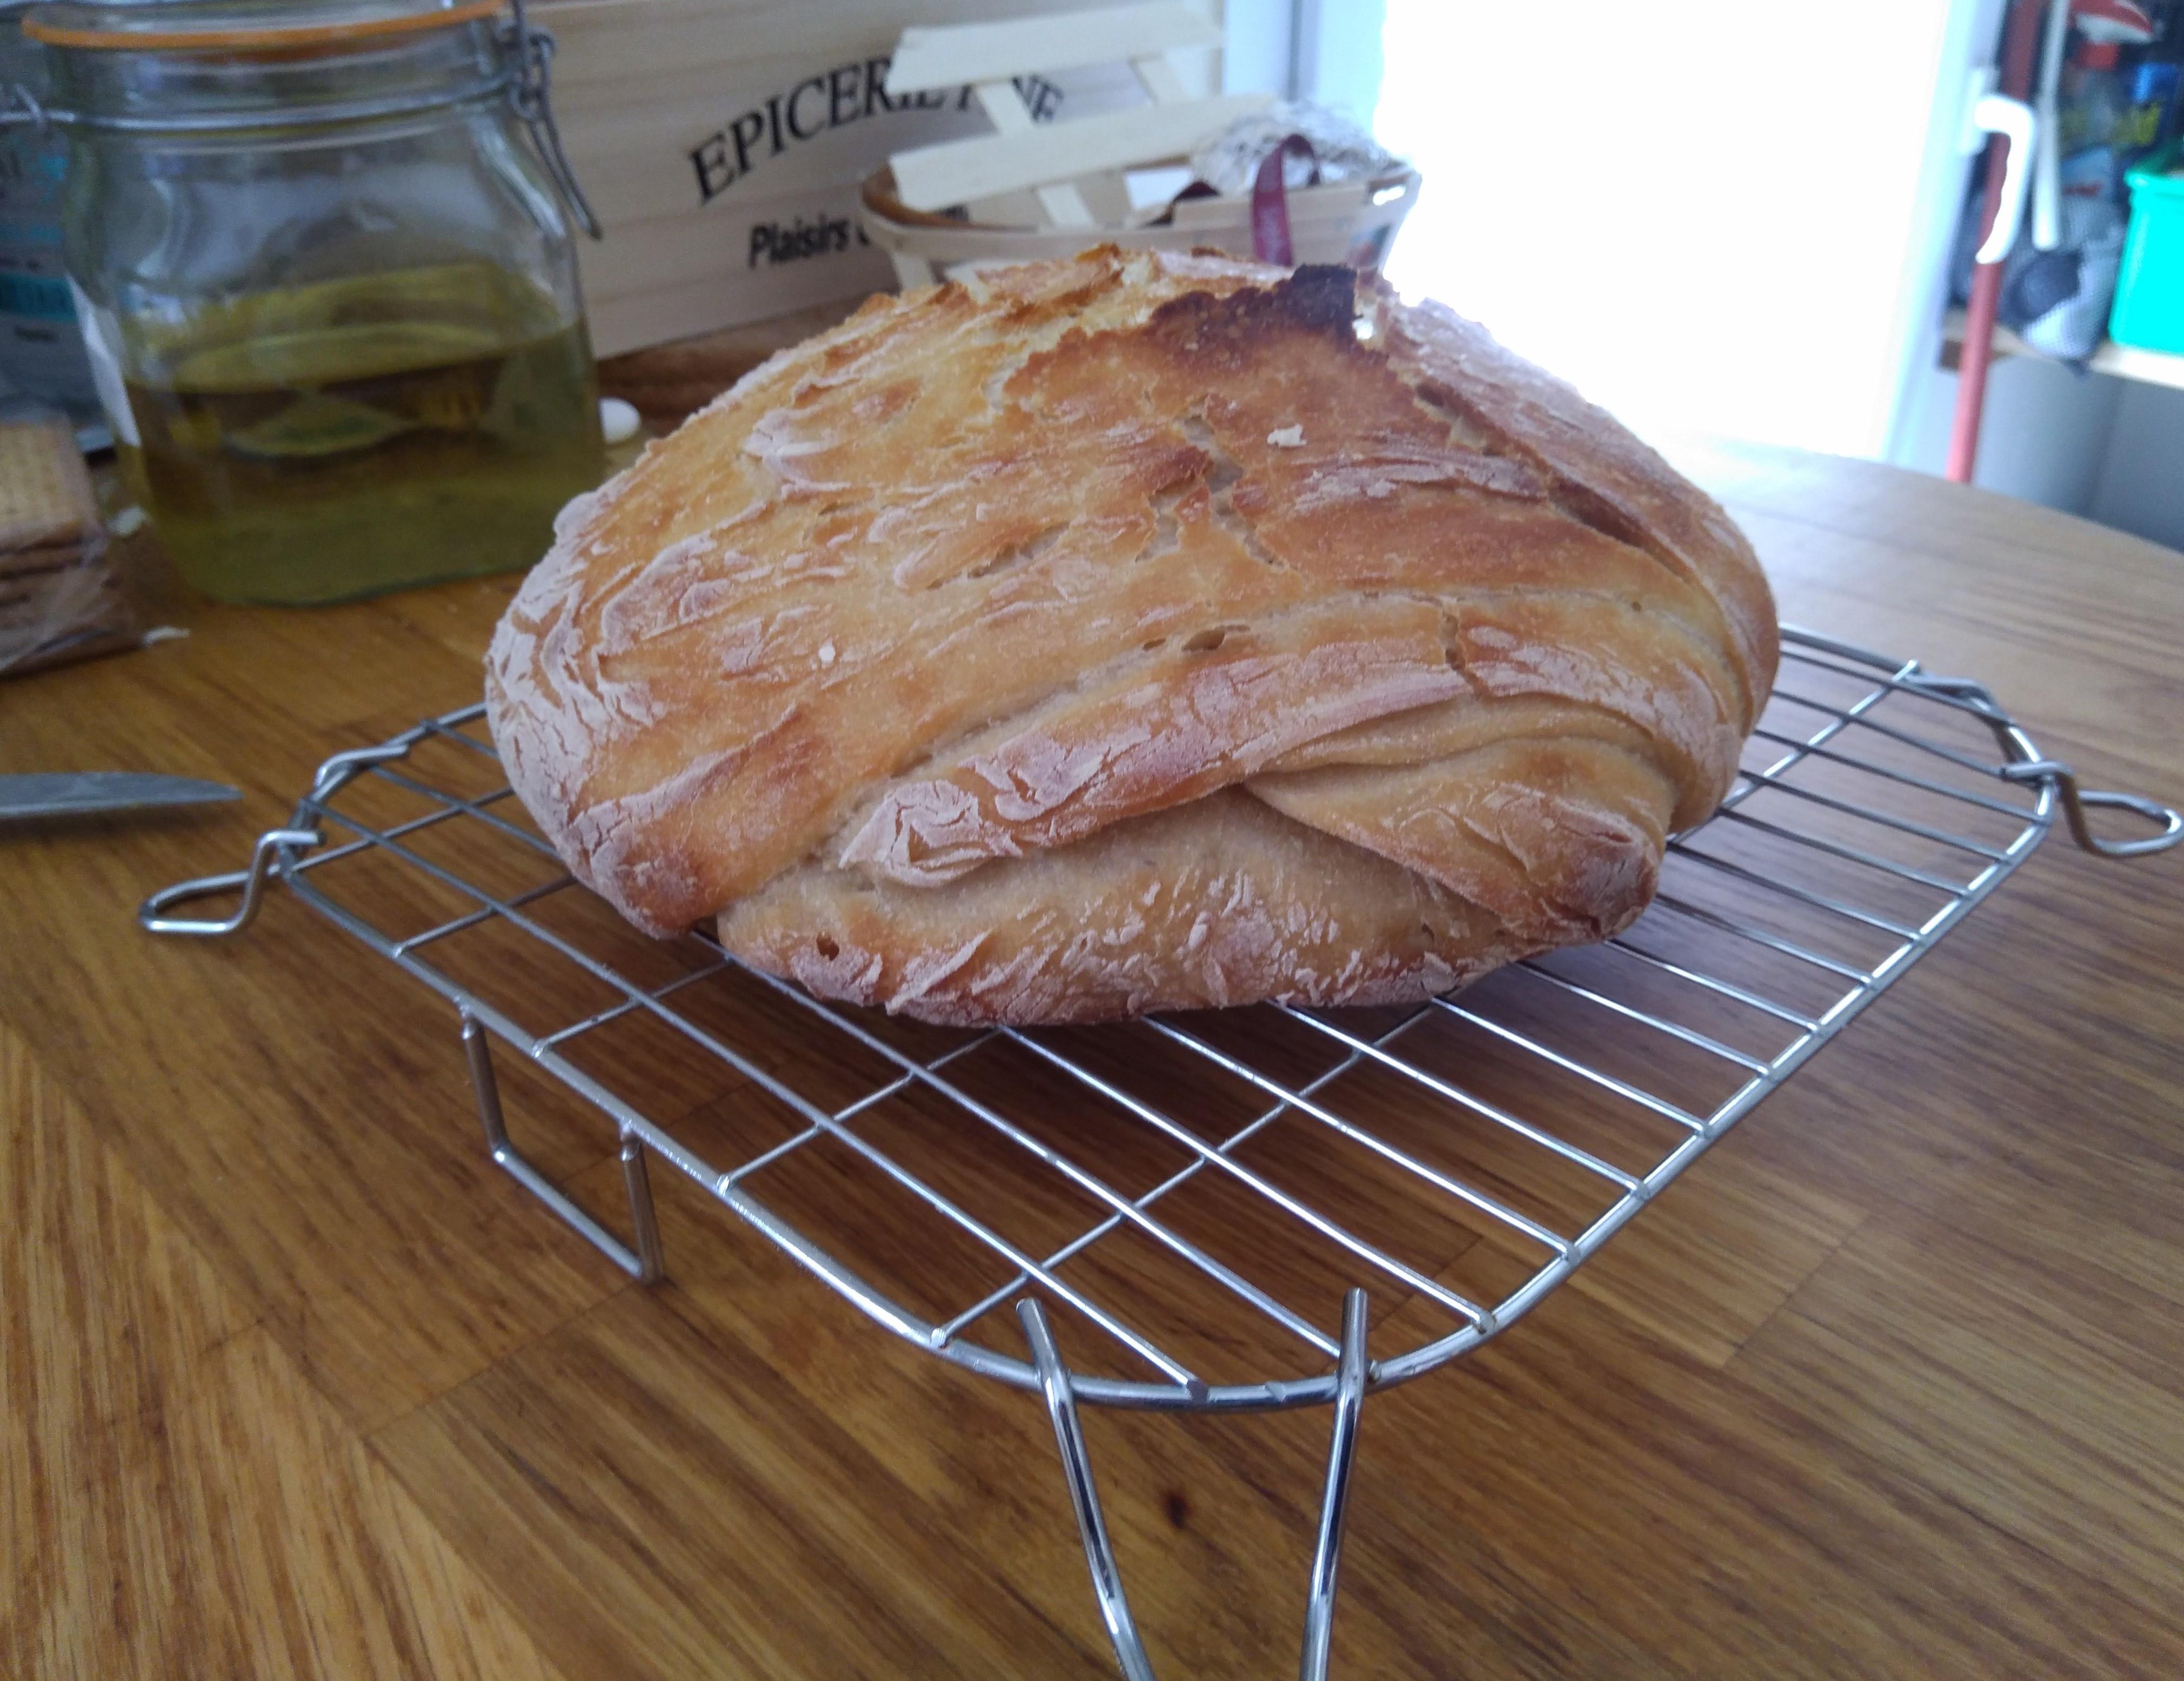 Le pain refroidit un peu